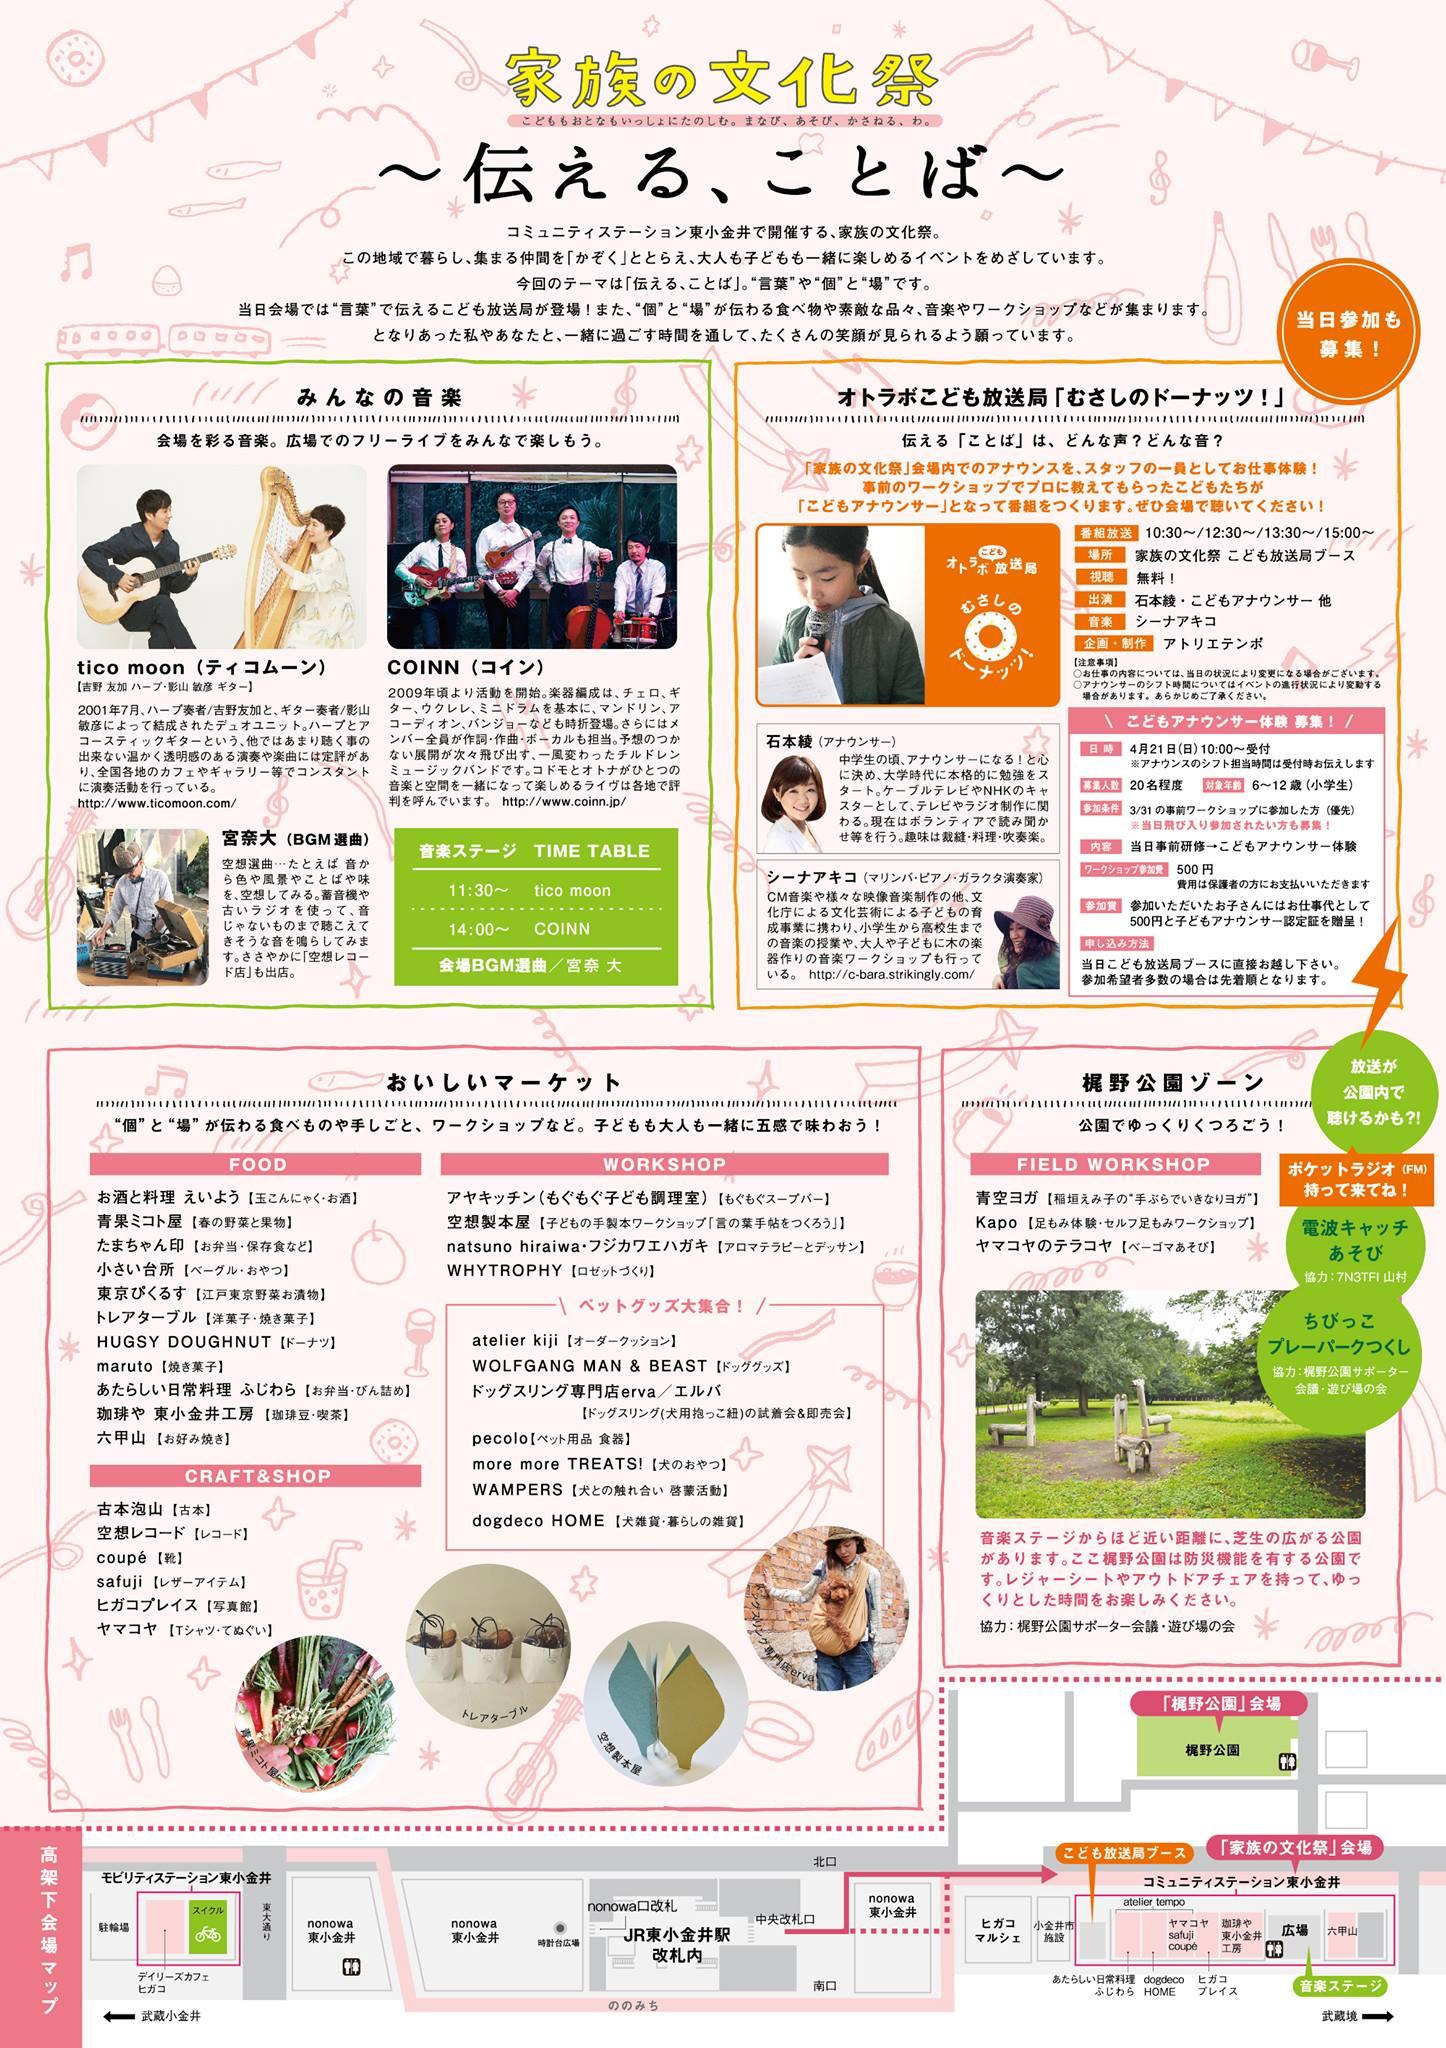 kazoku_201904_3.jpg